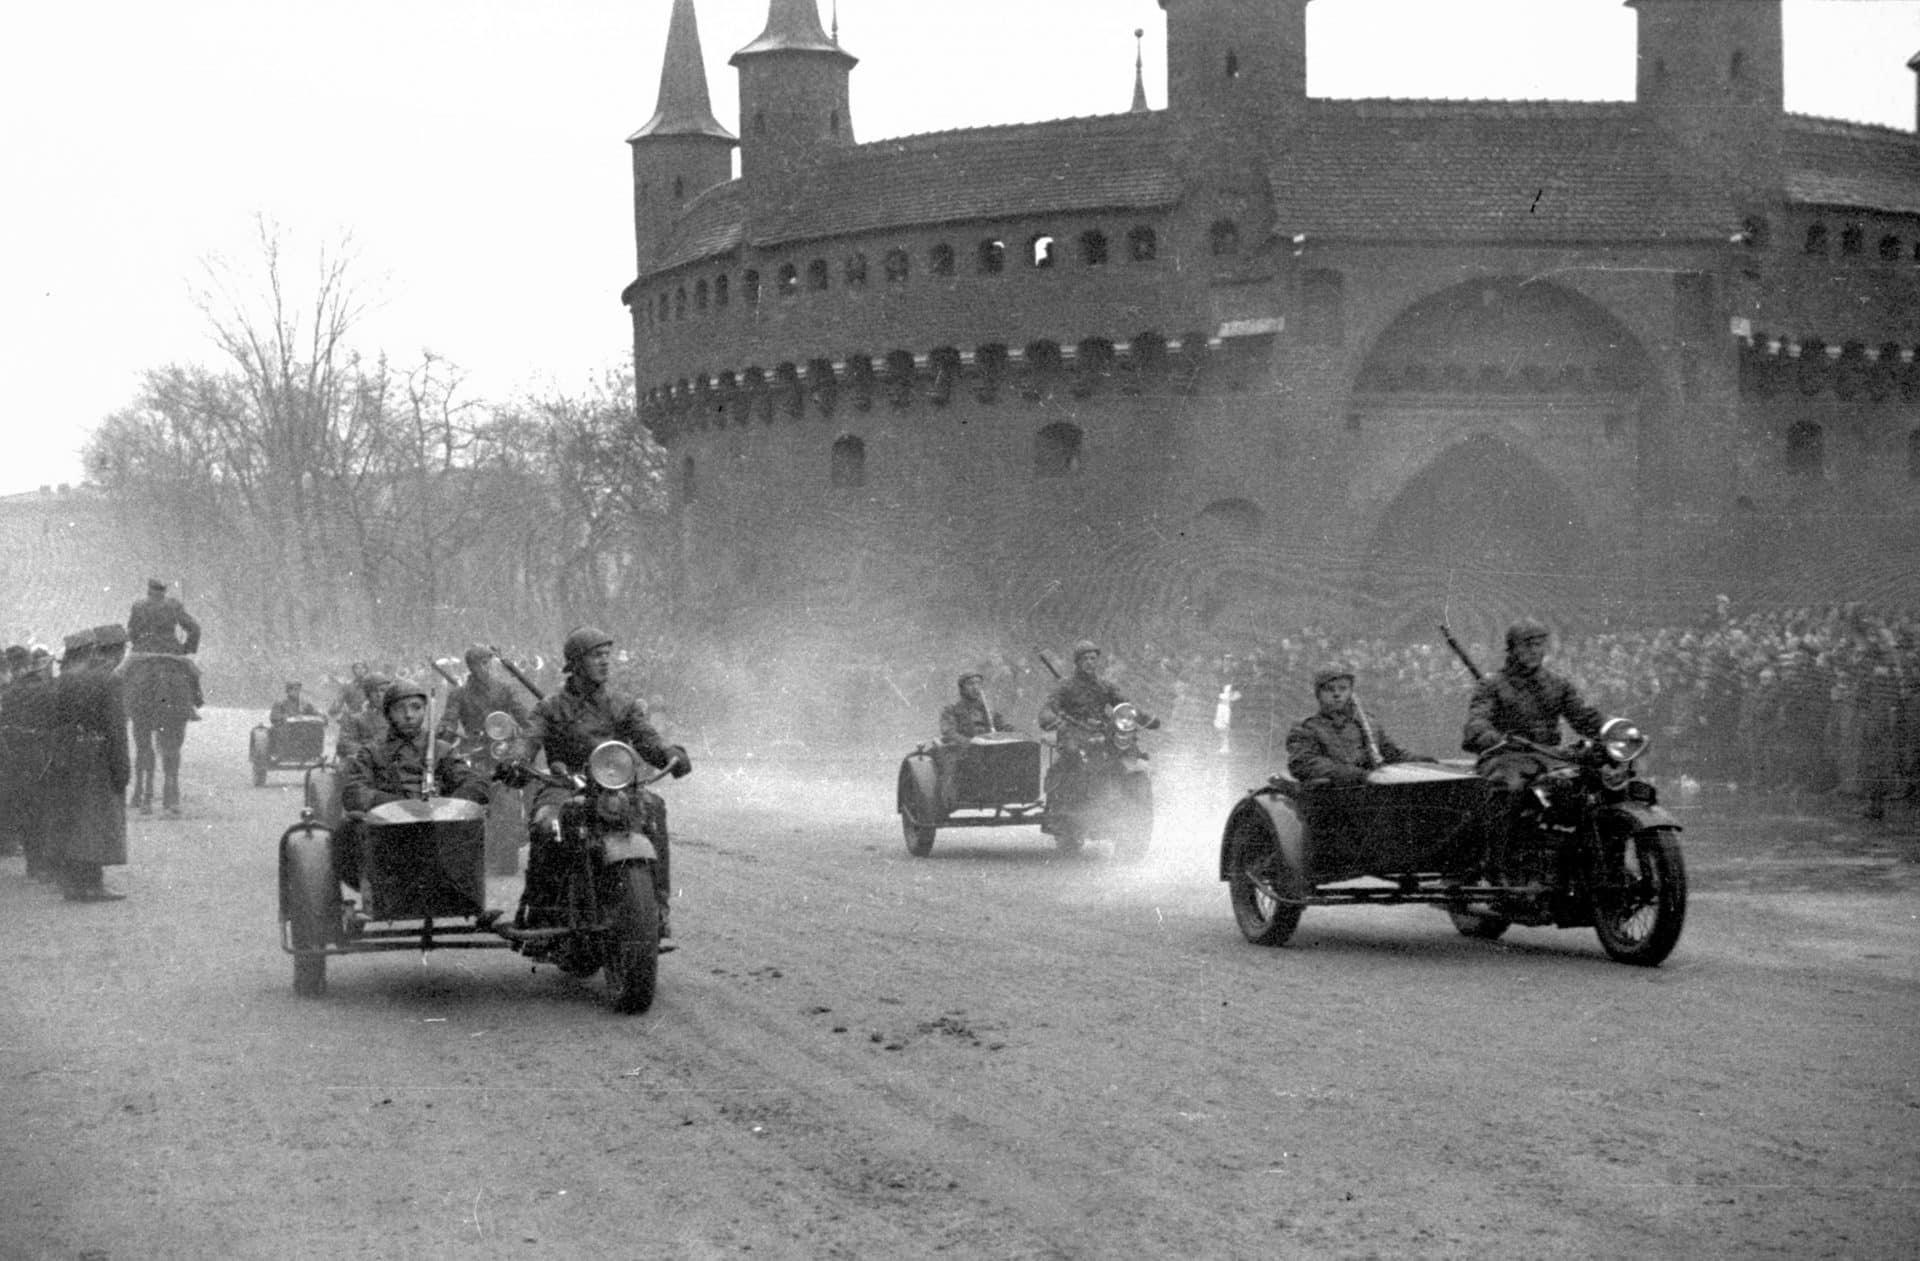 W 1937 roku Barbakan był świadkiem motocyklowej defilady. Źródło: Narodowe Archiwum Cyfrowe.